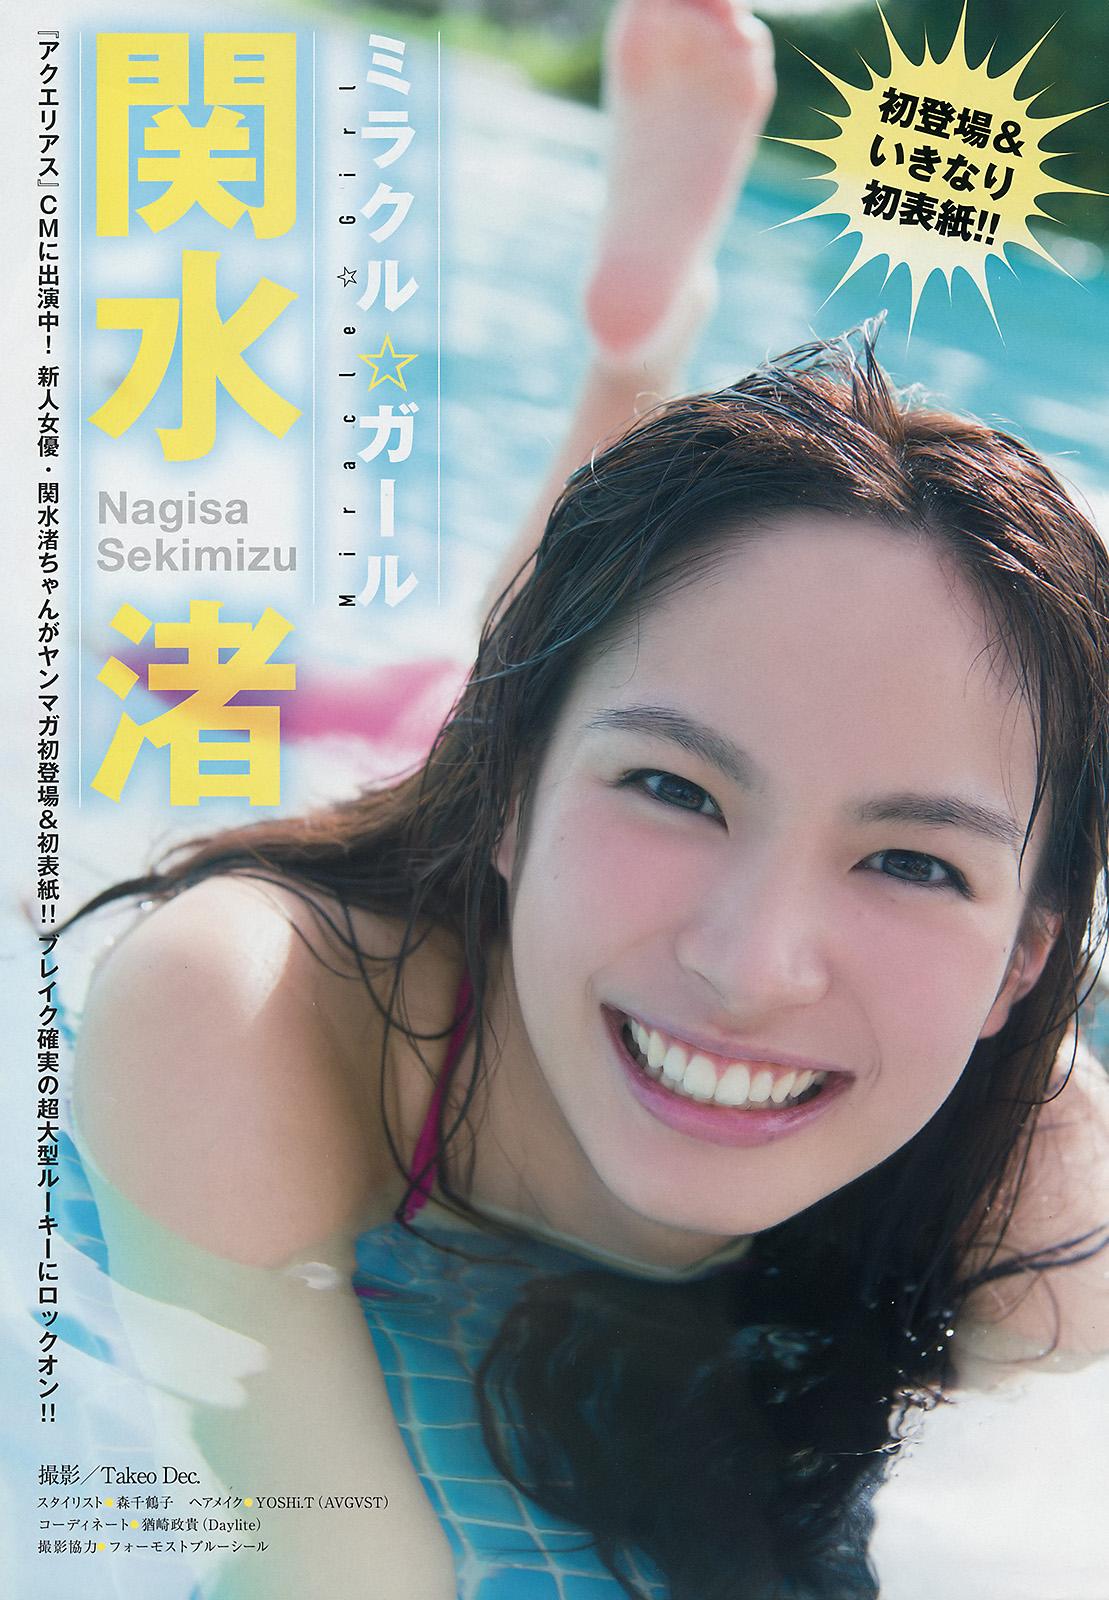 関水渚の画像 p1_7